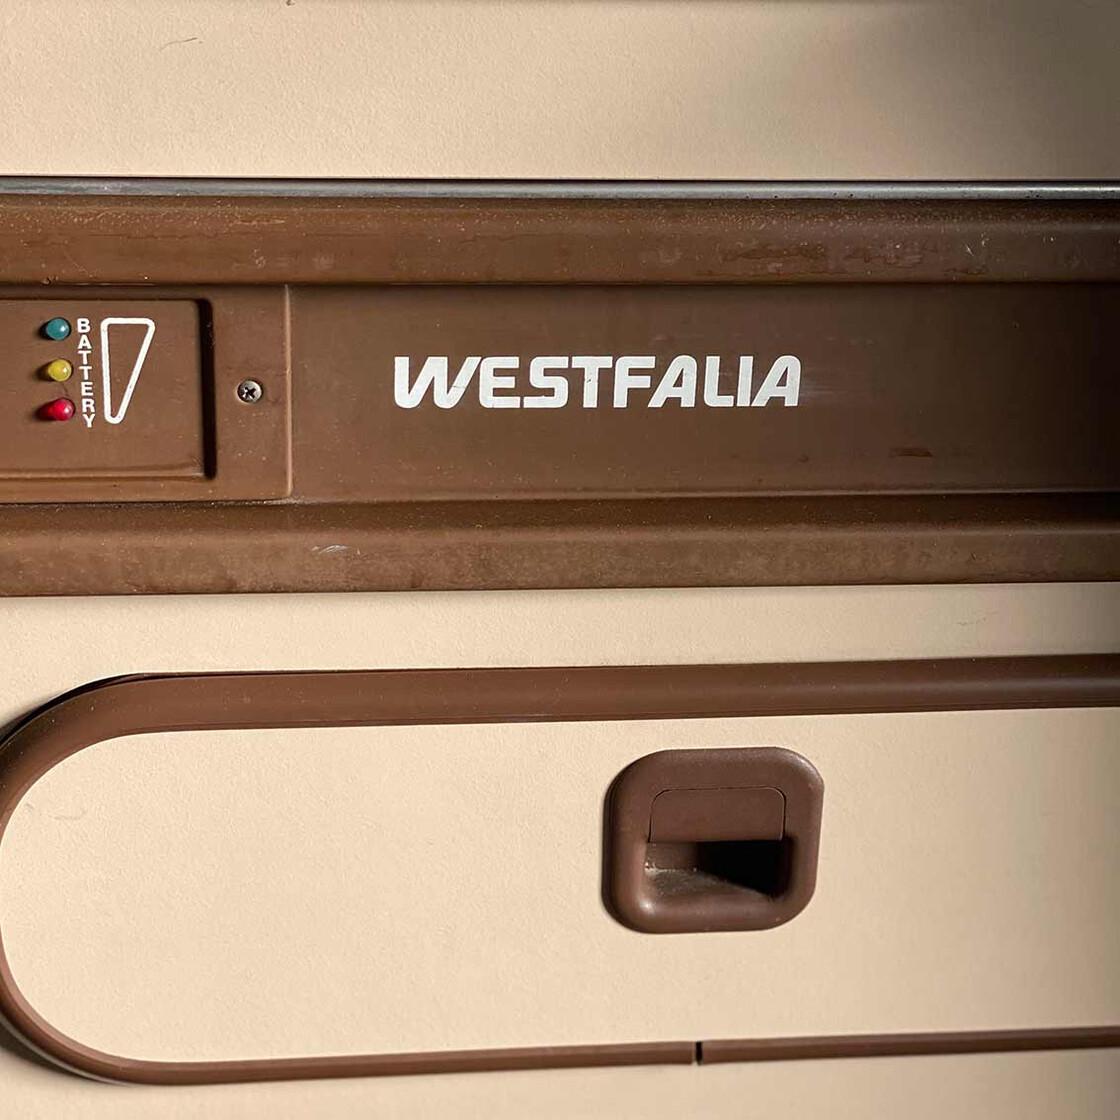 T3 Aufkleber Westfalia Schwarz Fur Den Kuchenblock Bus Ok De 5 00